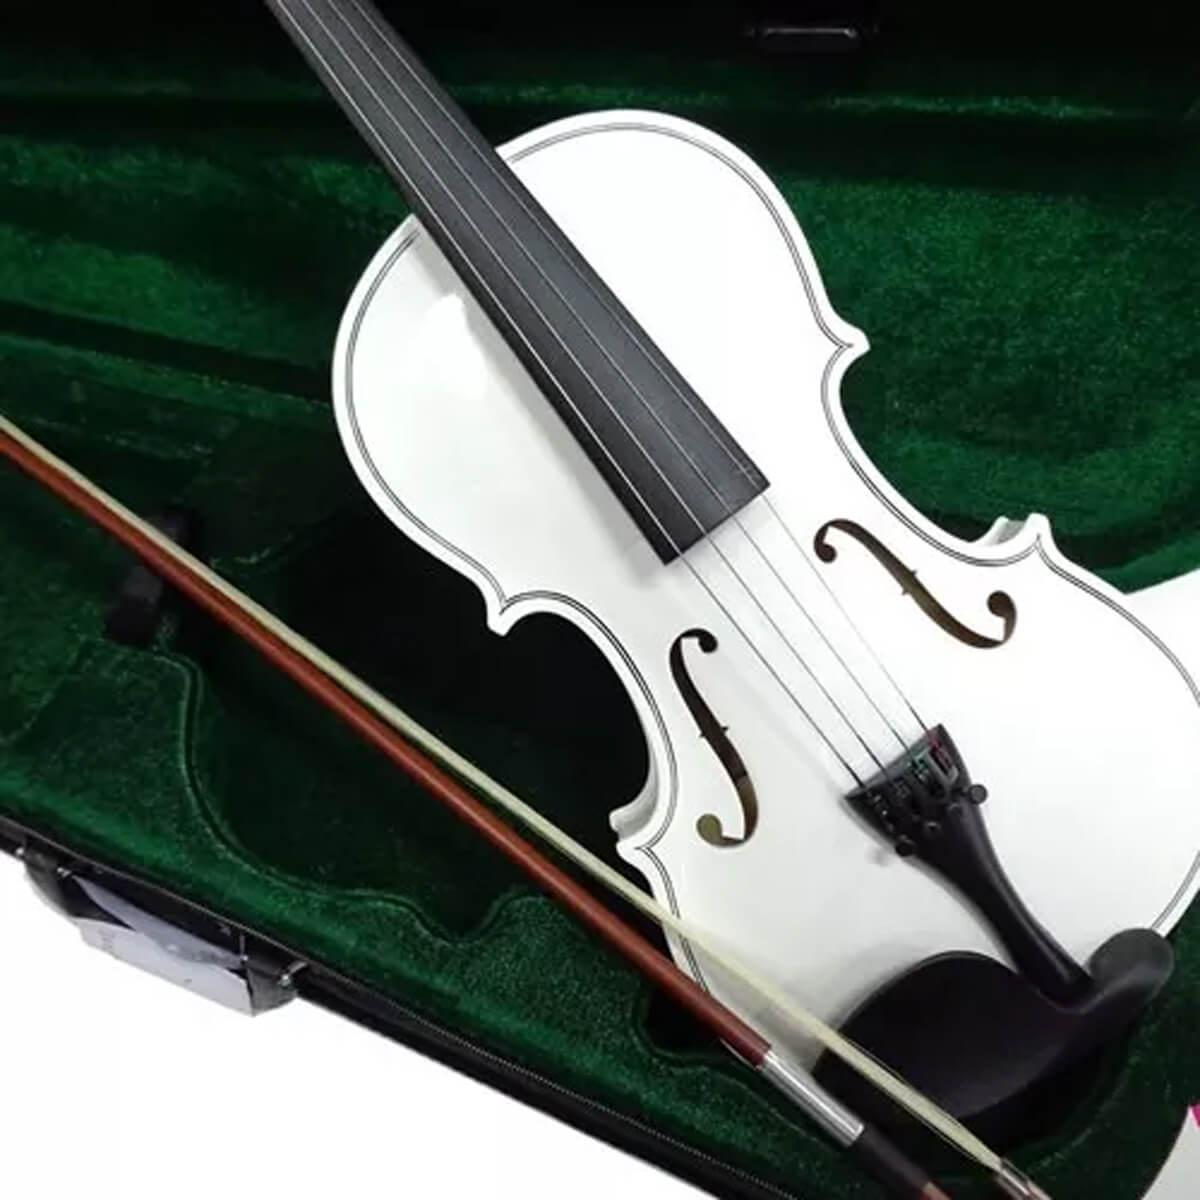 Violino 4/4 - Sverve - Branco